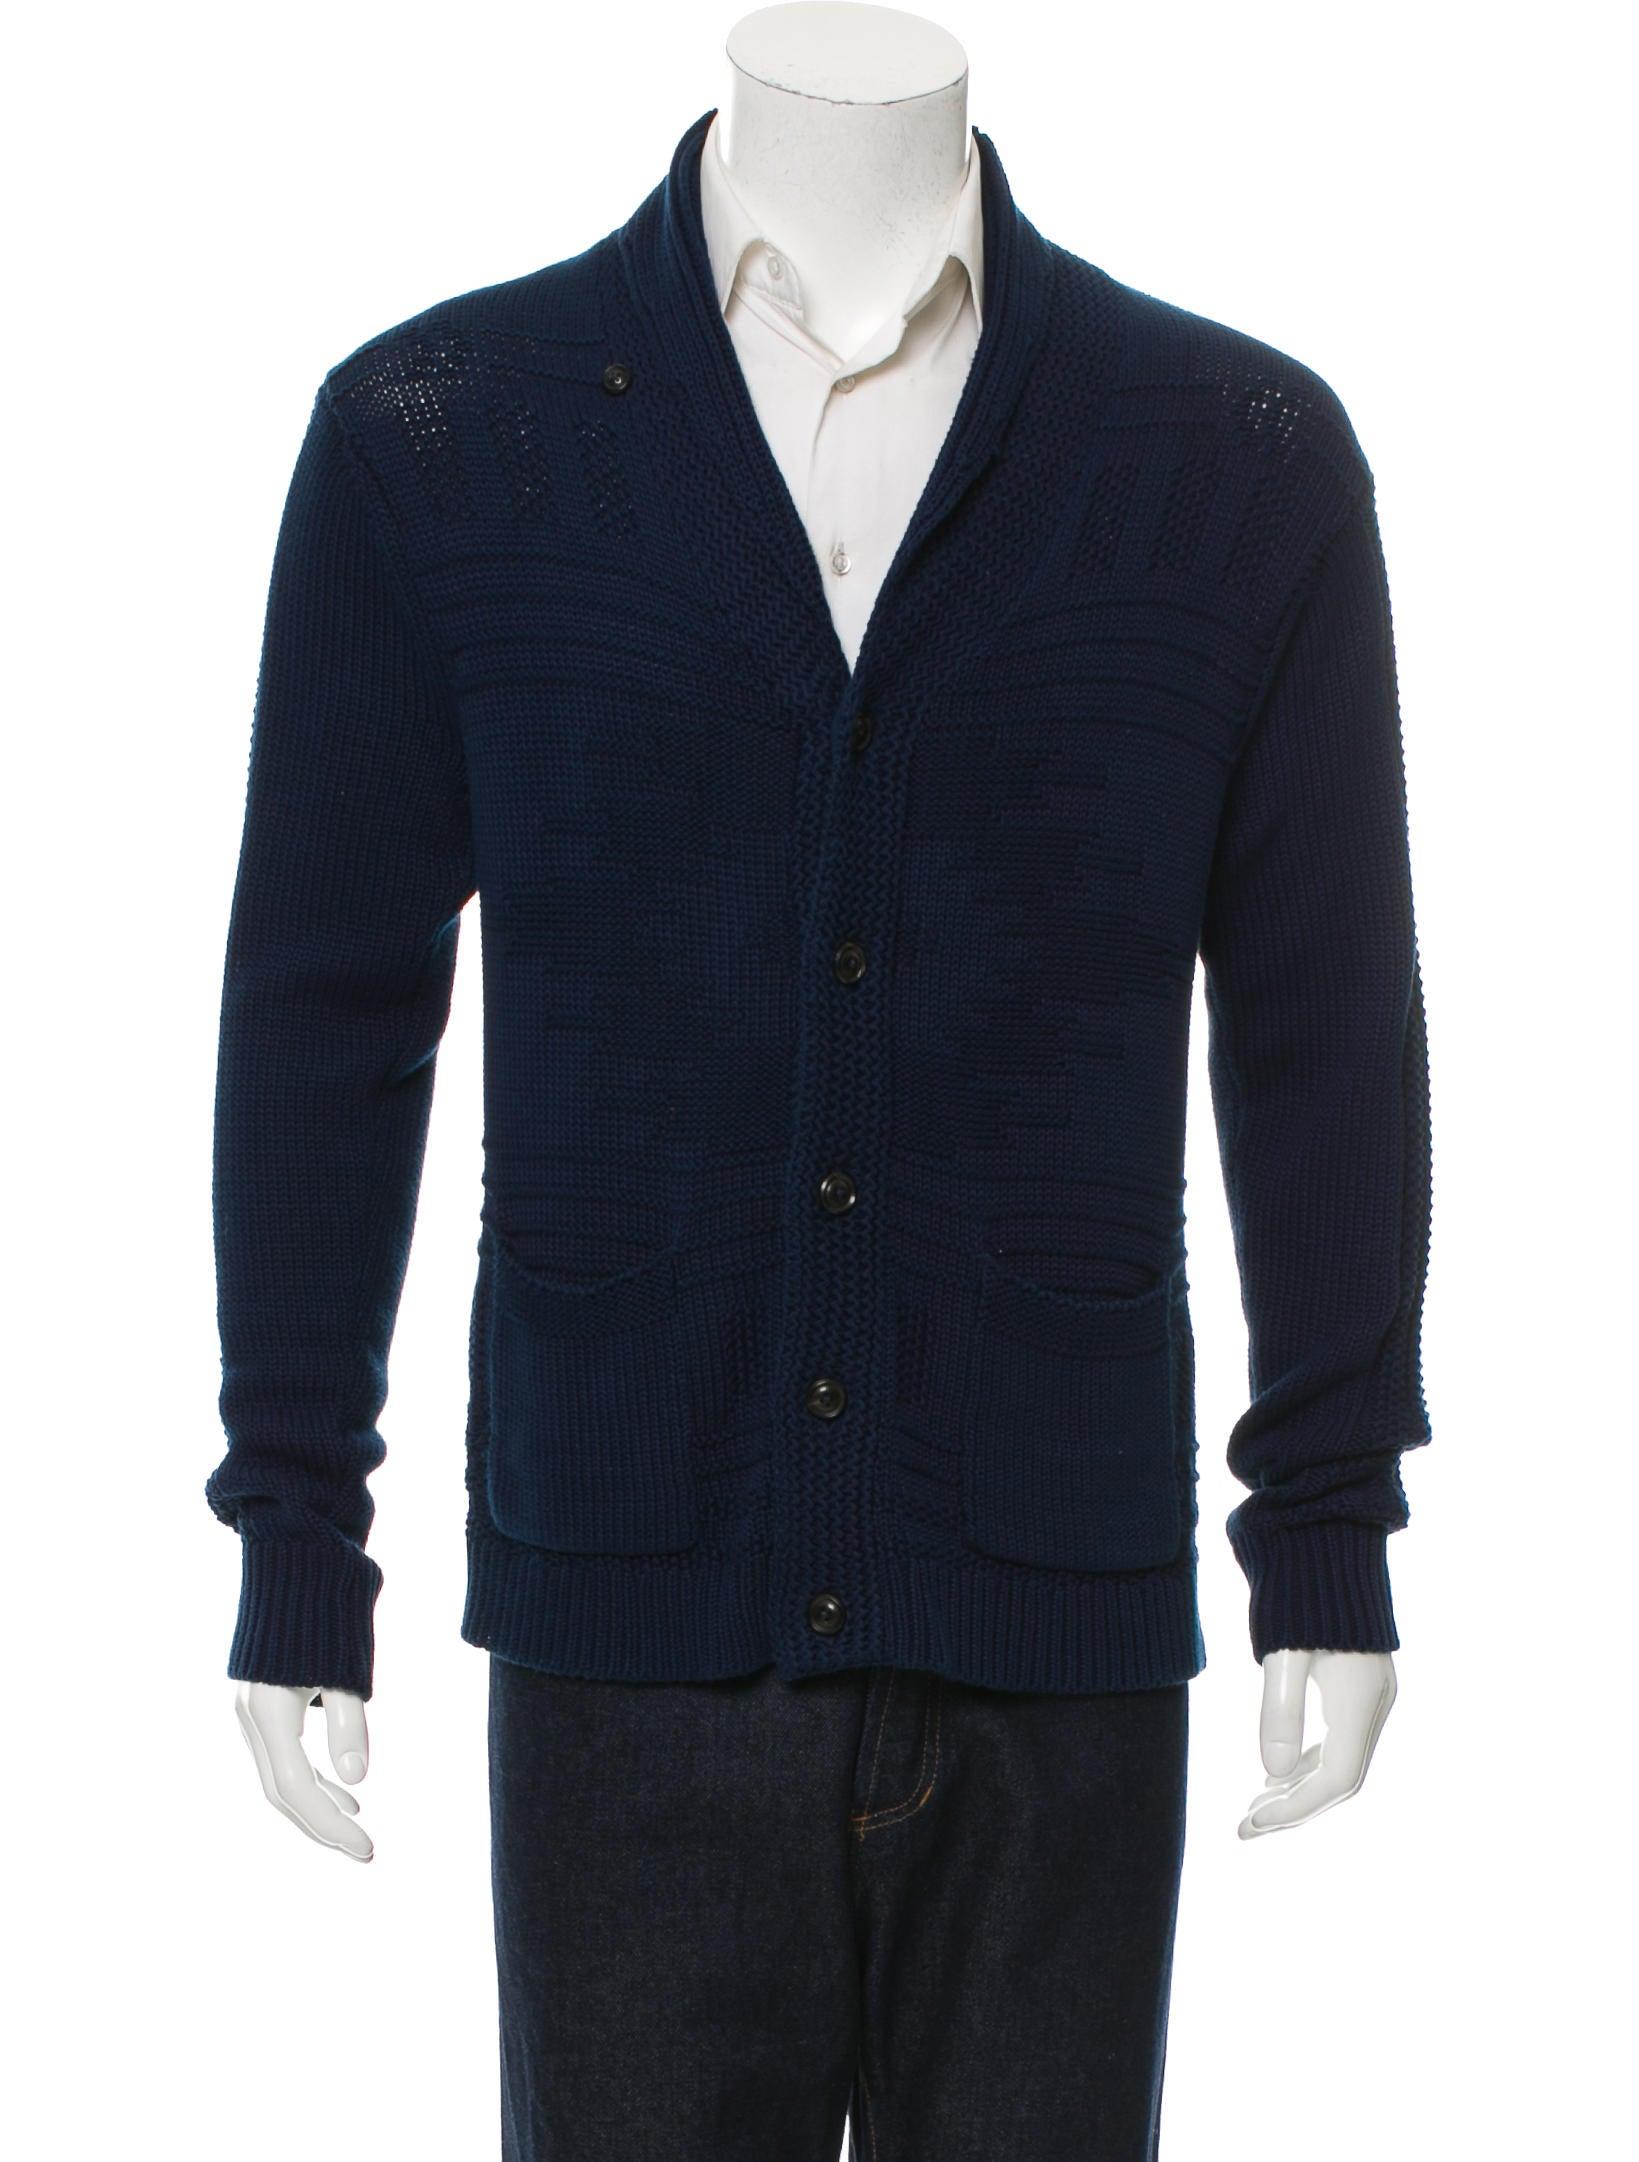 Knitting Cardigan Collar : Ovadia sons patterned knit shawl collar cardigan